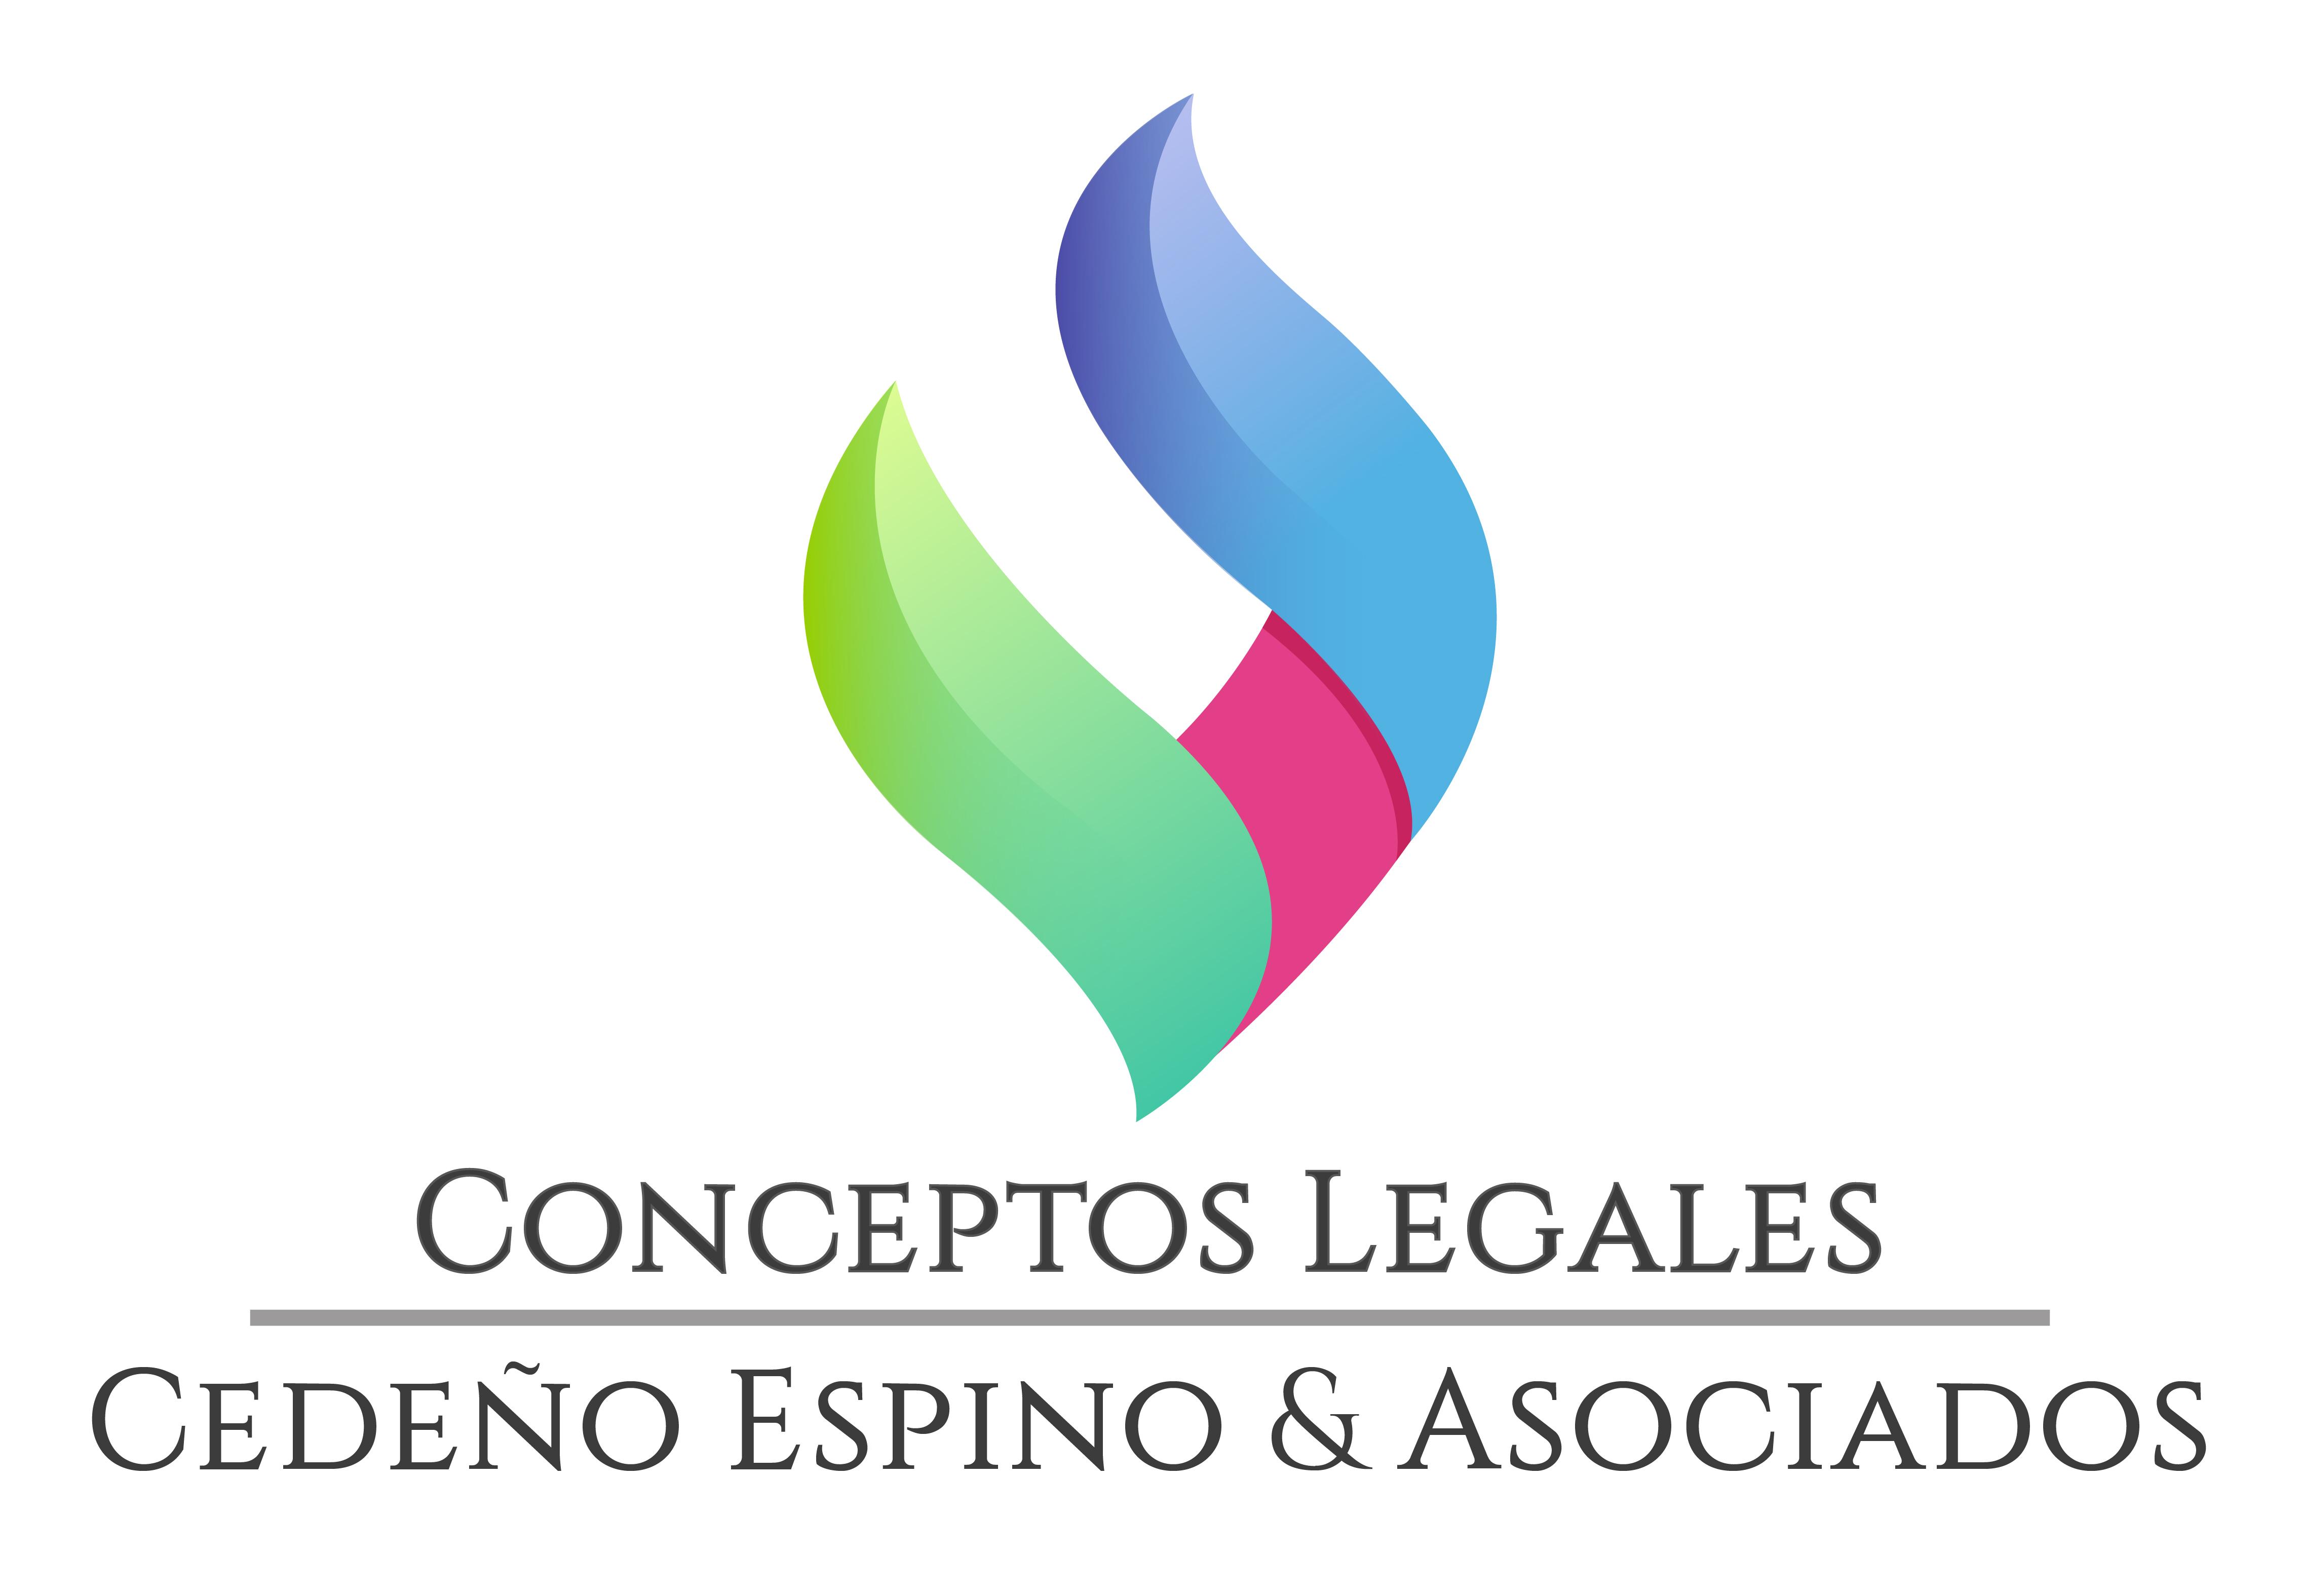 CONCEPTOS LEGALES, CEDEÑO ESPINO & ASOCIADOS